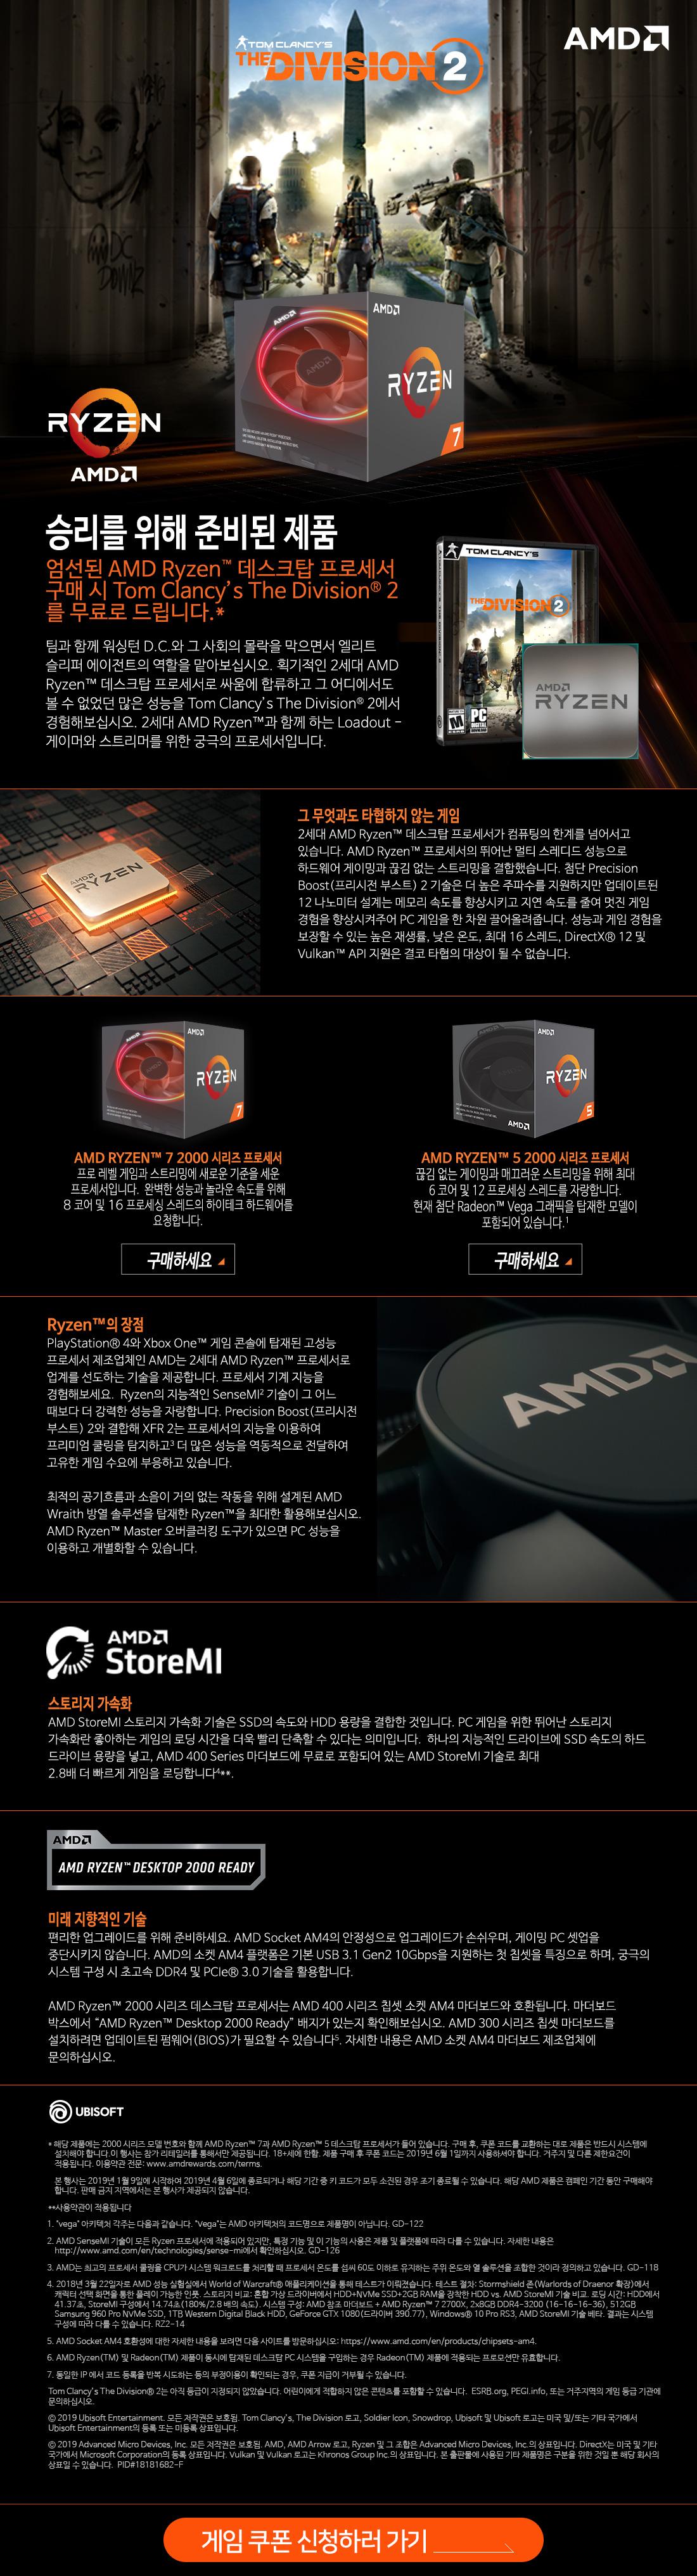 AMD 이미지